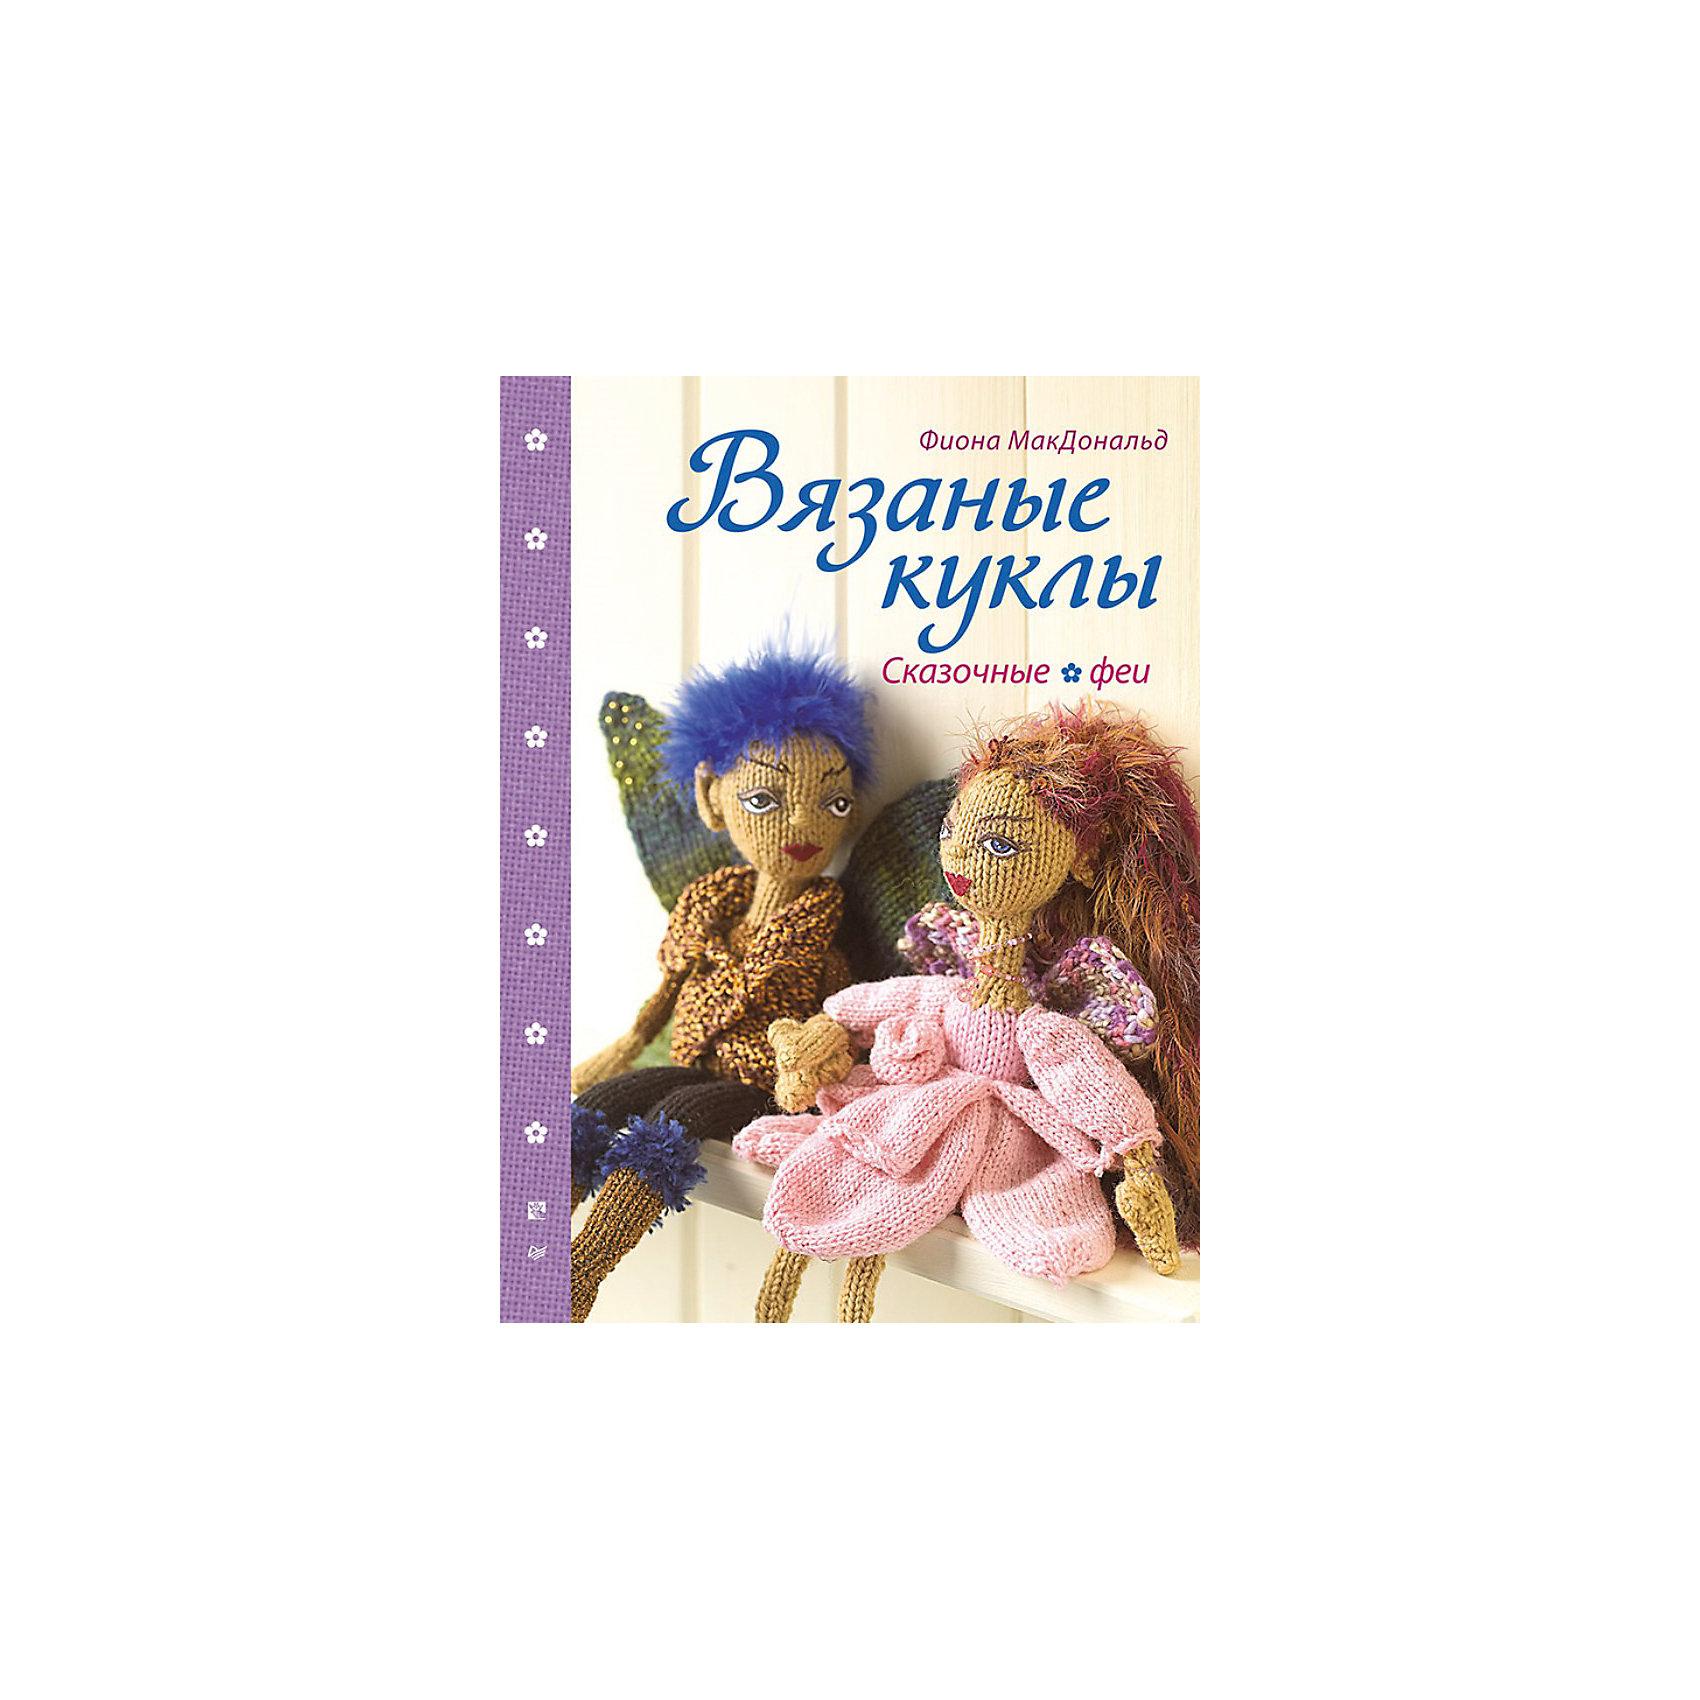 Вязаные куклы. Сказочные феиКнига «Вязаные куклы. Сказочные феи» - прекрасный подарок для любой творческой девочки, которая хочет попробовать создать что-то новое. Сборник научит ребенка вязать сказочных фей луны, лилий, льда и многих других. Книга написана простым и понятным языком. Мастер-классы от известного британского дизайнера будут интересны и взрослым и детям. Результатом будет интересная красивая кукла, созданная своими руками, которую можно использовать для украшения интерьера детской или преподнести кому-нибудь в подарок. Книга развивает у ребенка моторику, фантазию и прививает аккуратность с самого начала игры.<br><br>Дополнительная информация:<br>страниц: 64;<br>формат:  205 х 260 мм.<br><br>Книгу «Вязаные куклы. Сказочные феи» можно приобрести в нашем магазине.<br><br>Ширина мм: 252<br>Глубина мм: 195<br>Высота мм: 3<br>Вес г: 147<br>Возраст от месяцев: 144<br>Возраст до месяцев: 2147483647<br>Пол: Женский<br>Возраст: Детский<br>SKU: 4966193